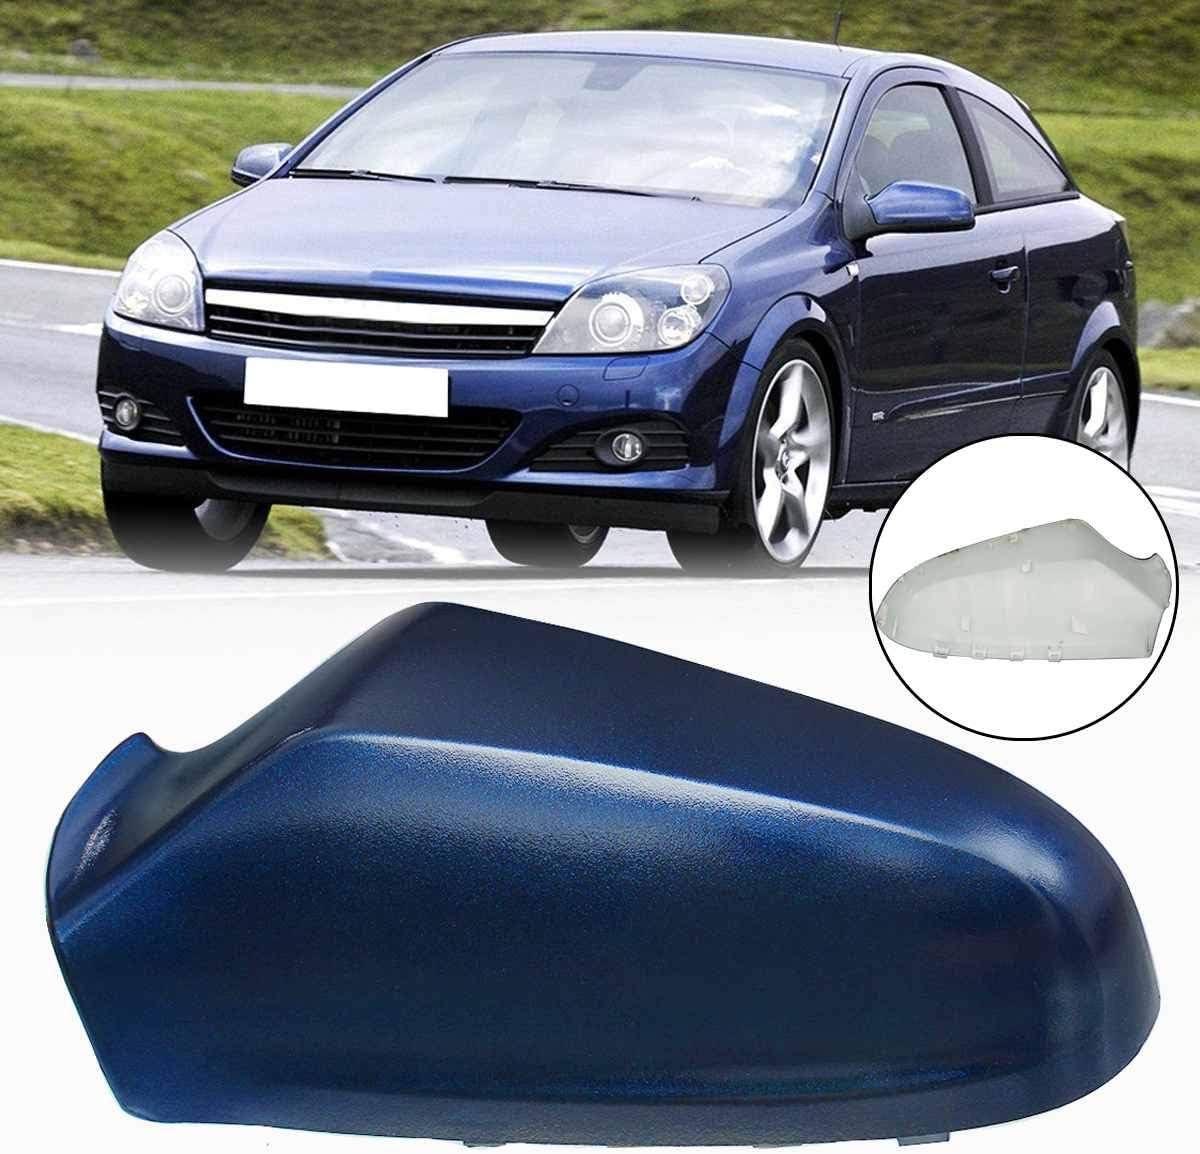 Adanse Cubierta inferior para espejo retrovisor lateral izquierdo o derecho para Opel Astra H Mk5 04-09